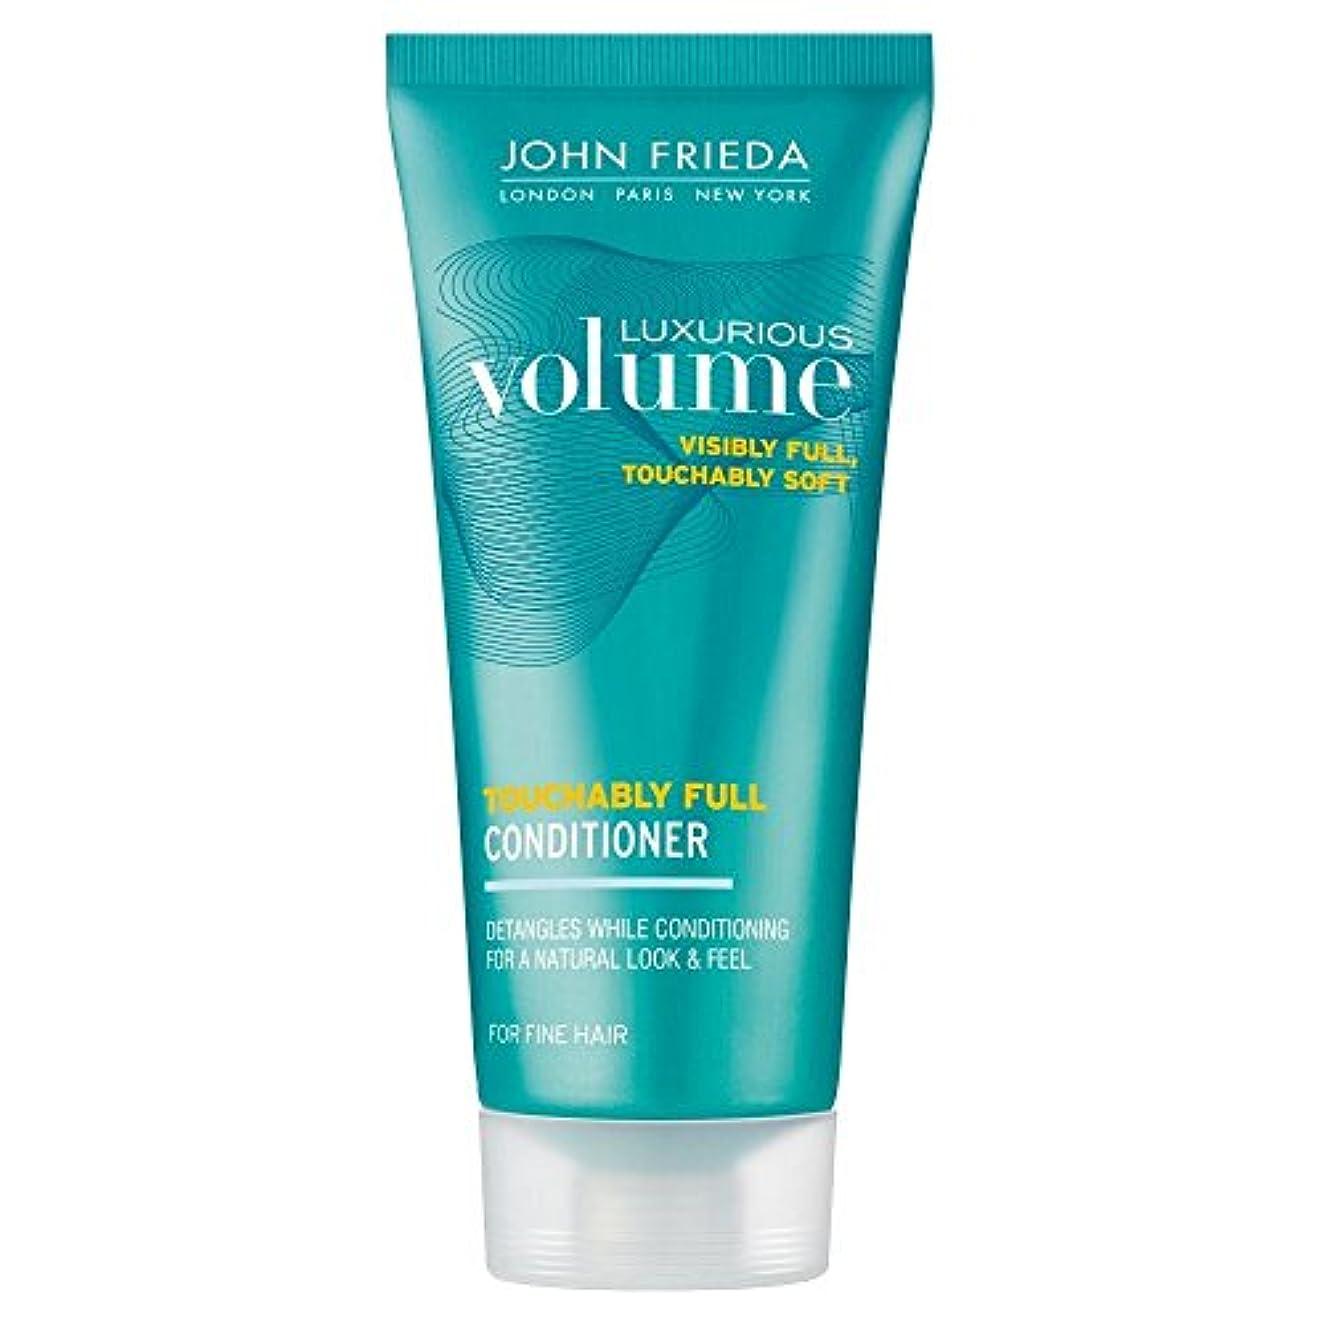 ガラガラレバーゾーンJohn Frieda Luxurious Volume Thickening Conditioner (50ml) ジョン?フリーダ豪華なボリューム増粘コンディショナー( 50ミリリットル) [並行輸入品]